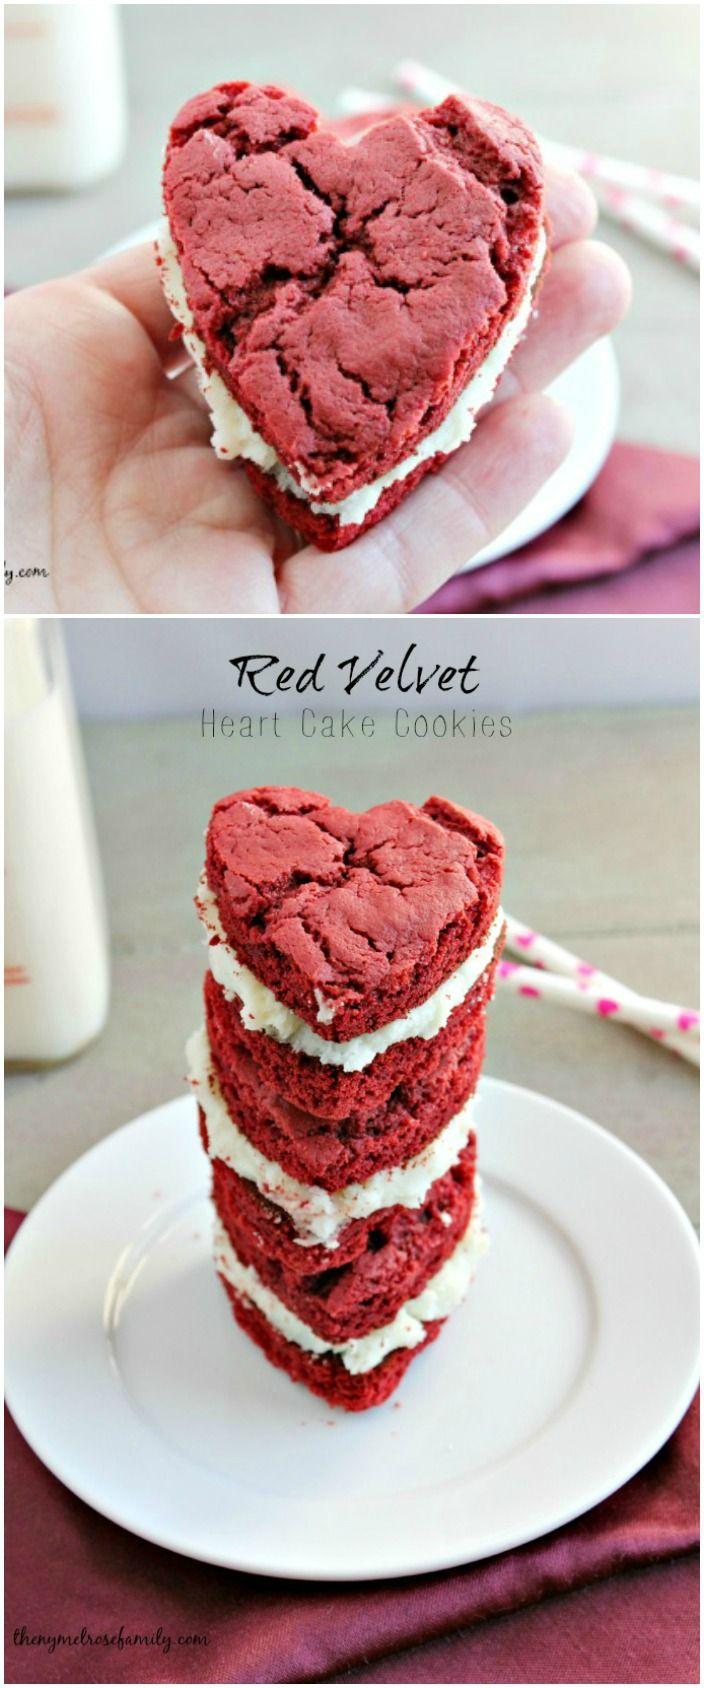 Red Velvet Heart Cake Cookies